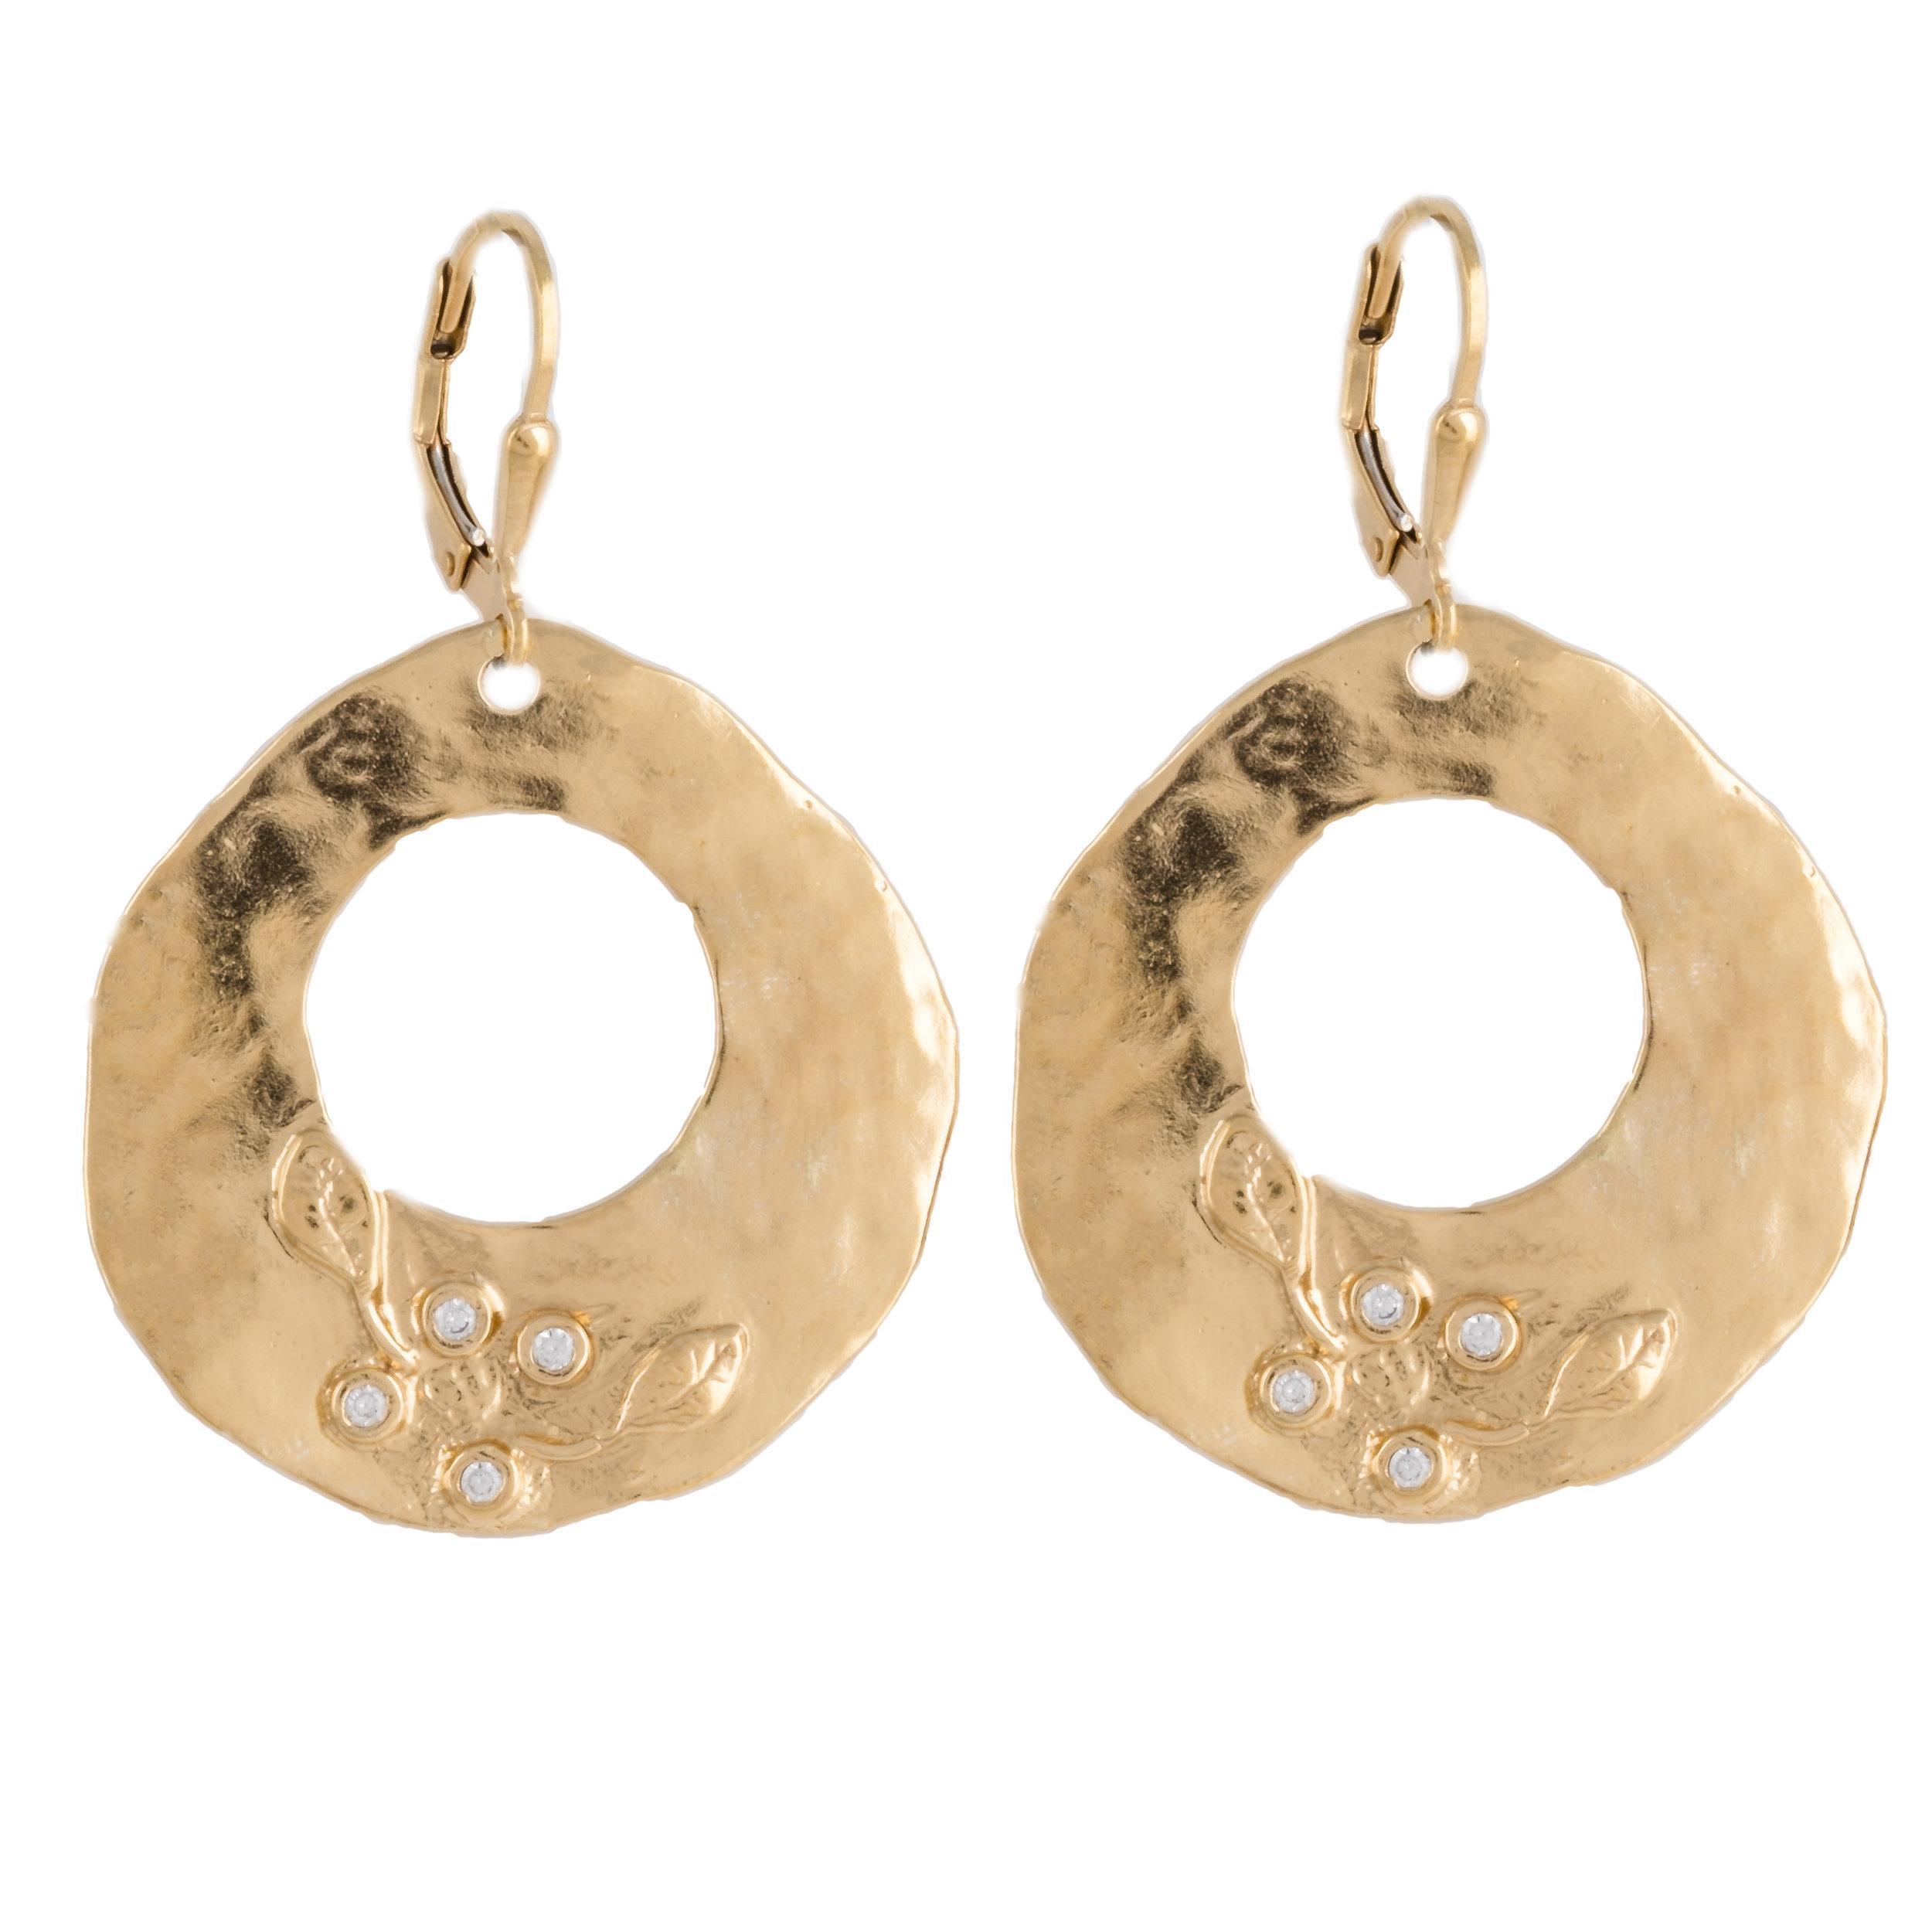 Earrings - 10156-gold (1 of 1)-Edit.jpg